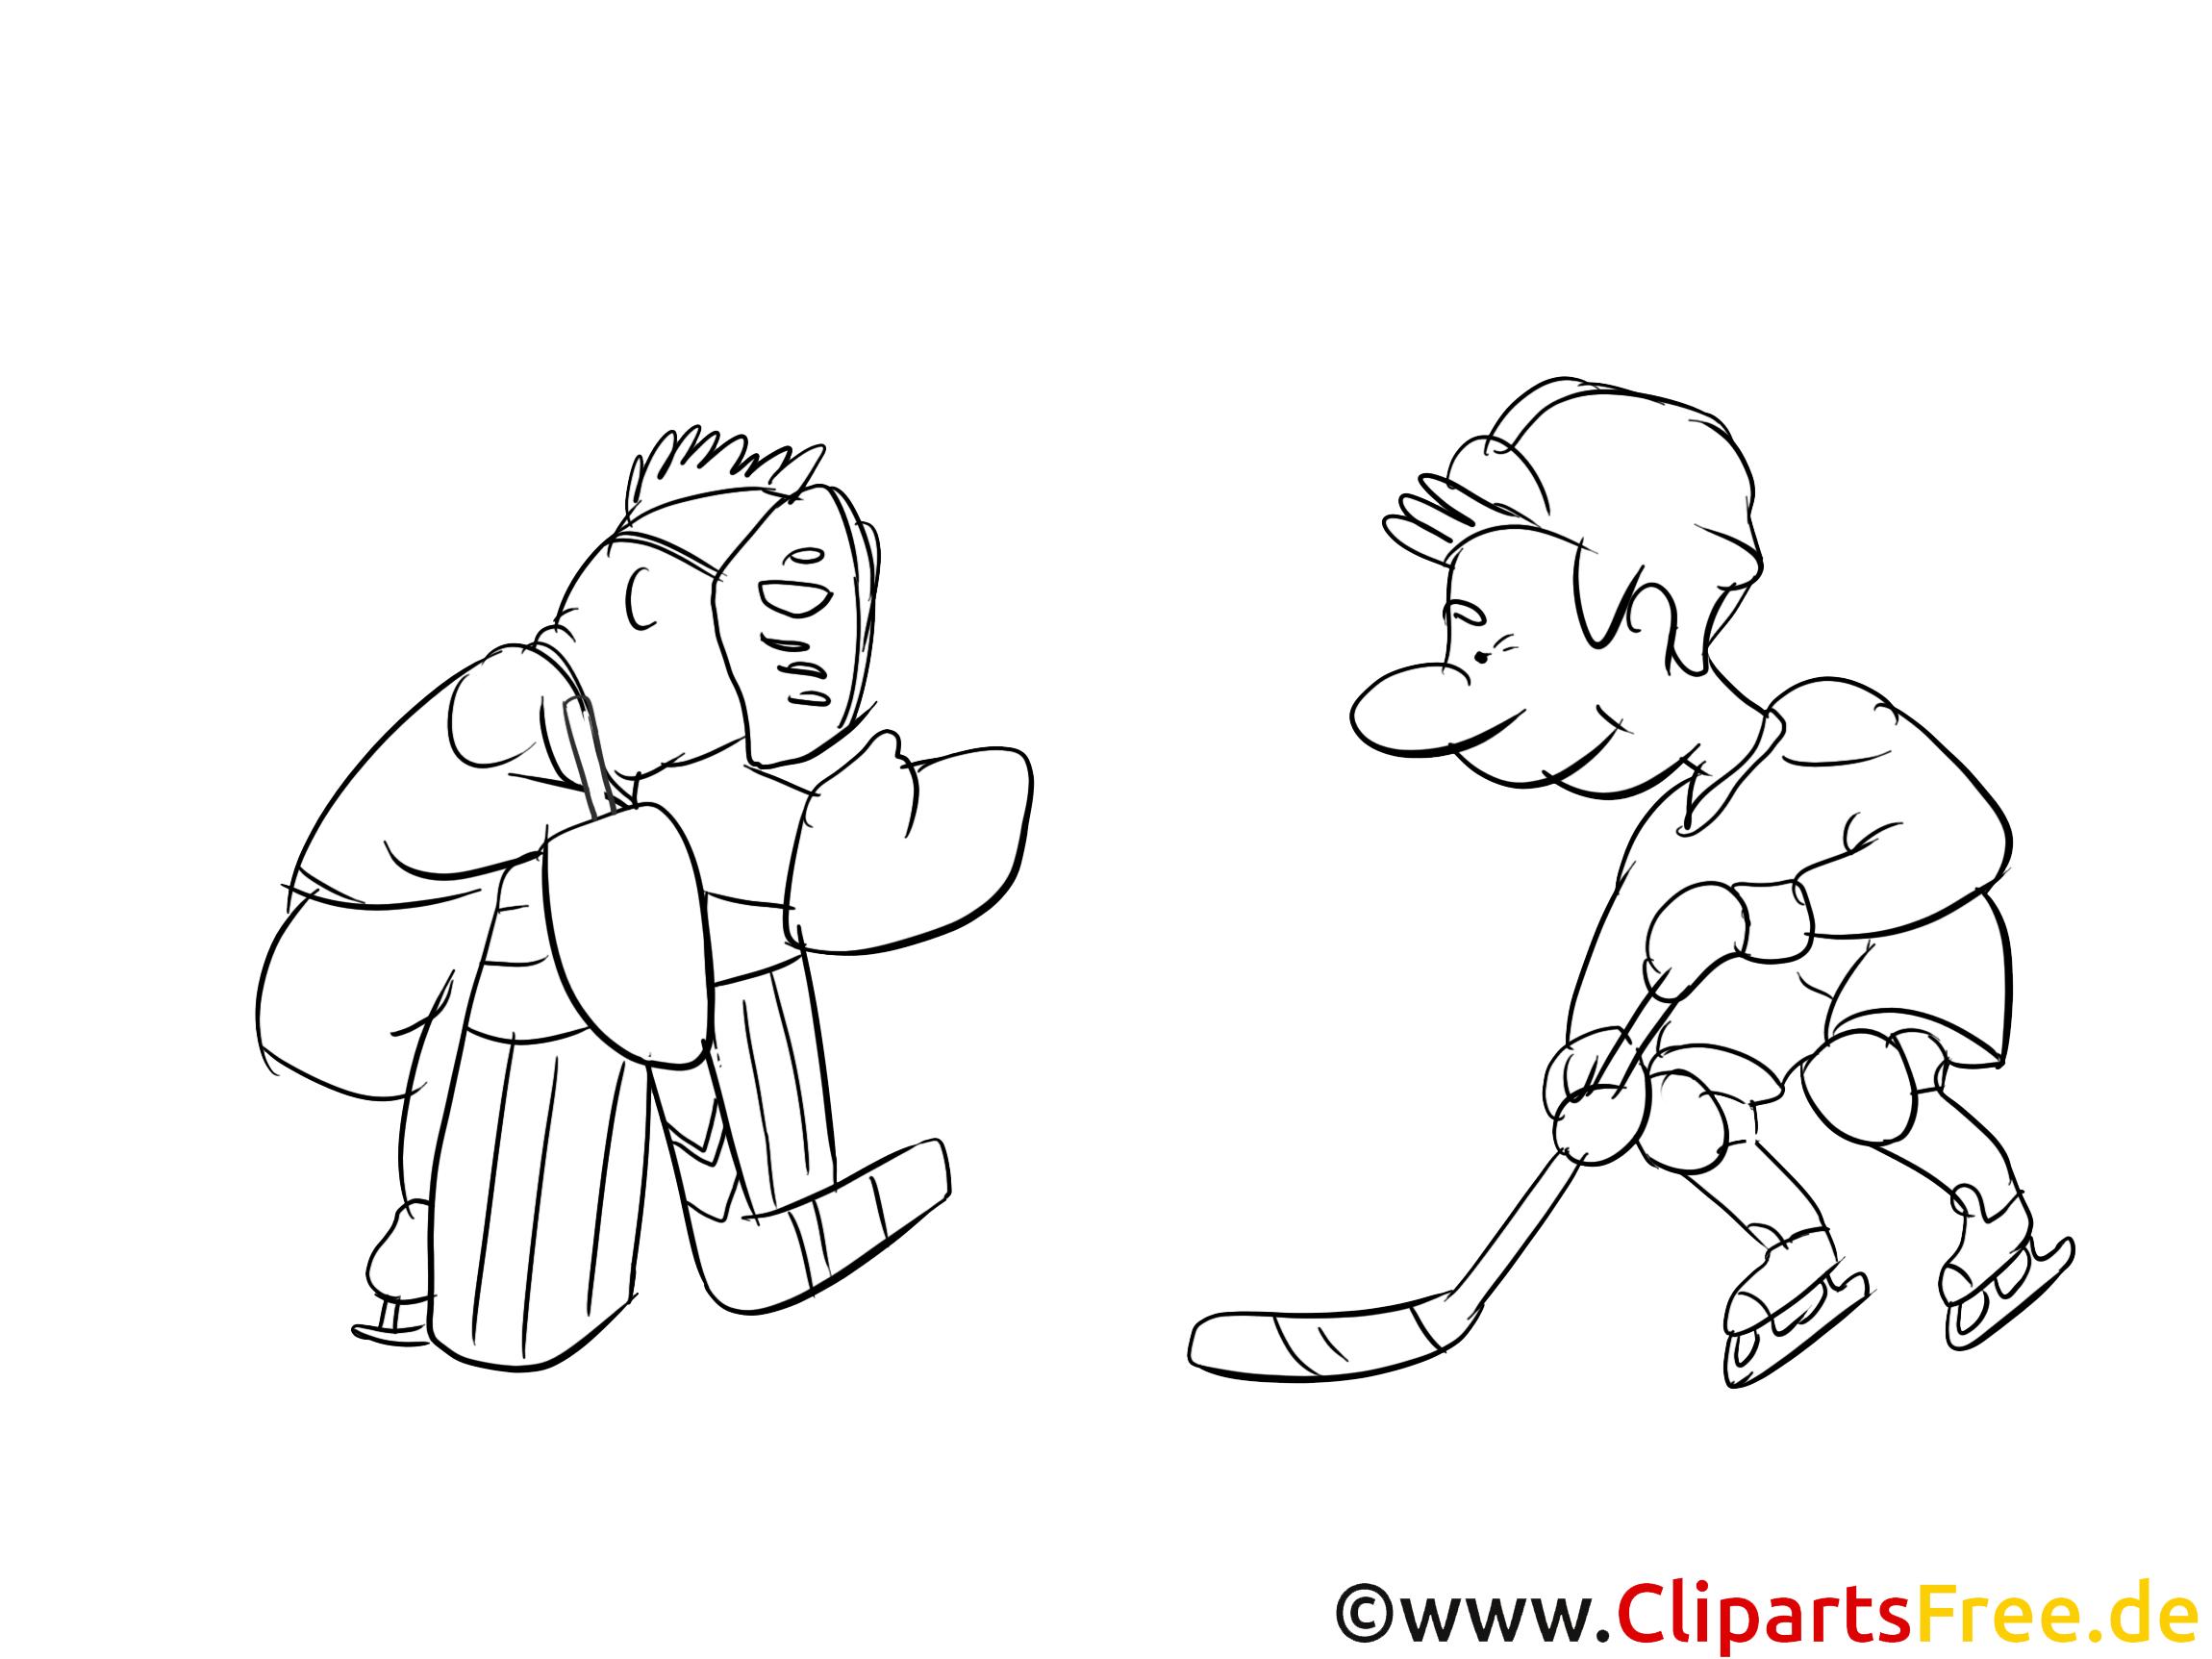 Comic Bild Eishockey zum Drucken und Ausmalen